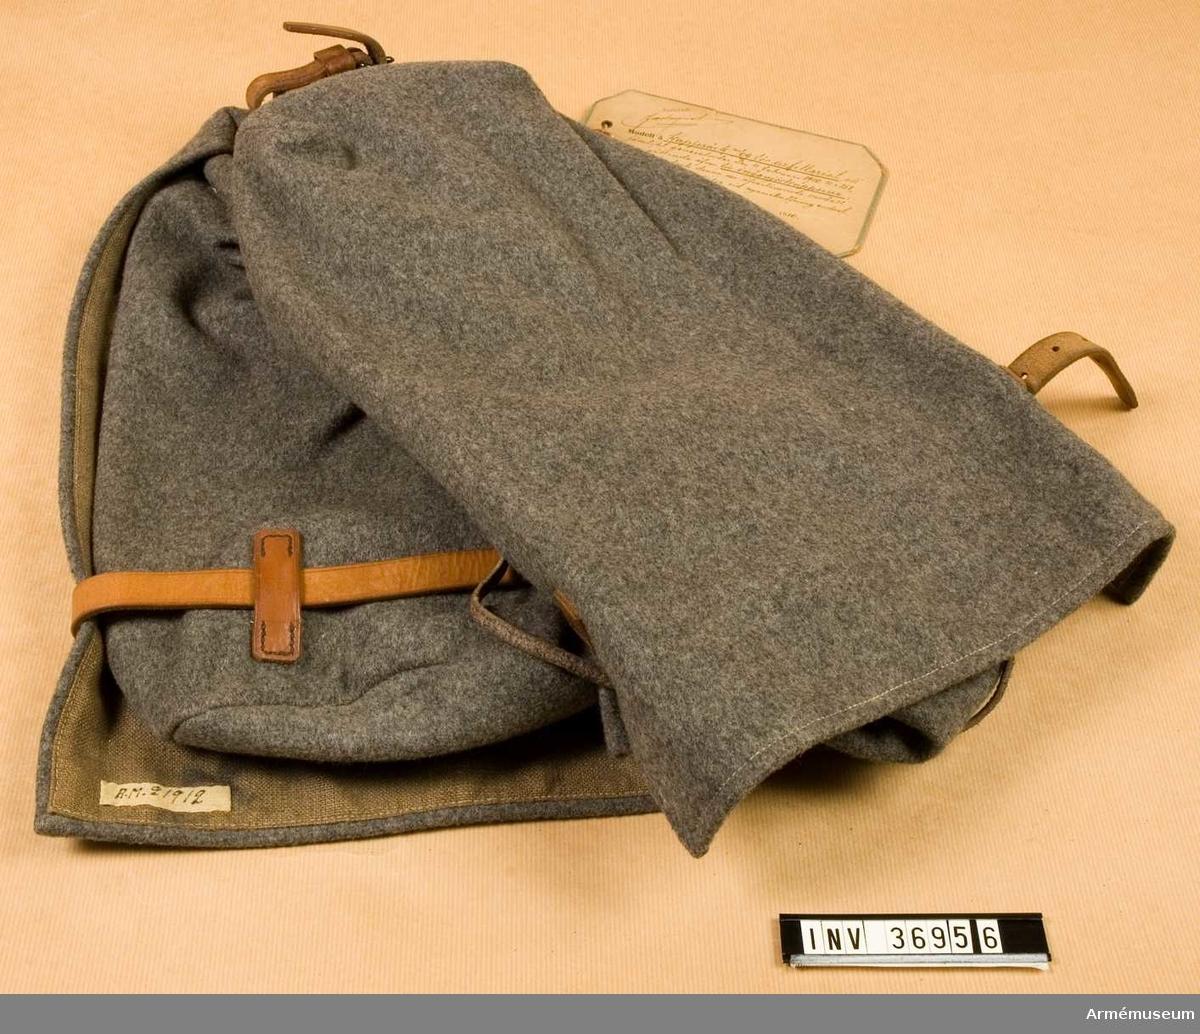 Grupp C I. Modell å kappsäck för artilleriet, att jämlik generalorder den 9 februari 1910 nr 151 vara gällande även för ingenjörstrupperna; skolande dock denna nu tjäna till efterrättelse av nyanskaffning endast för sistnämnda trupper.